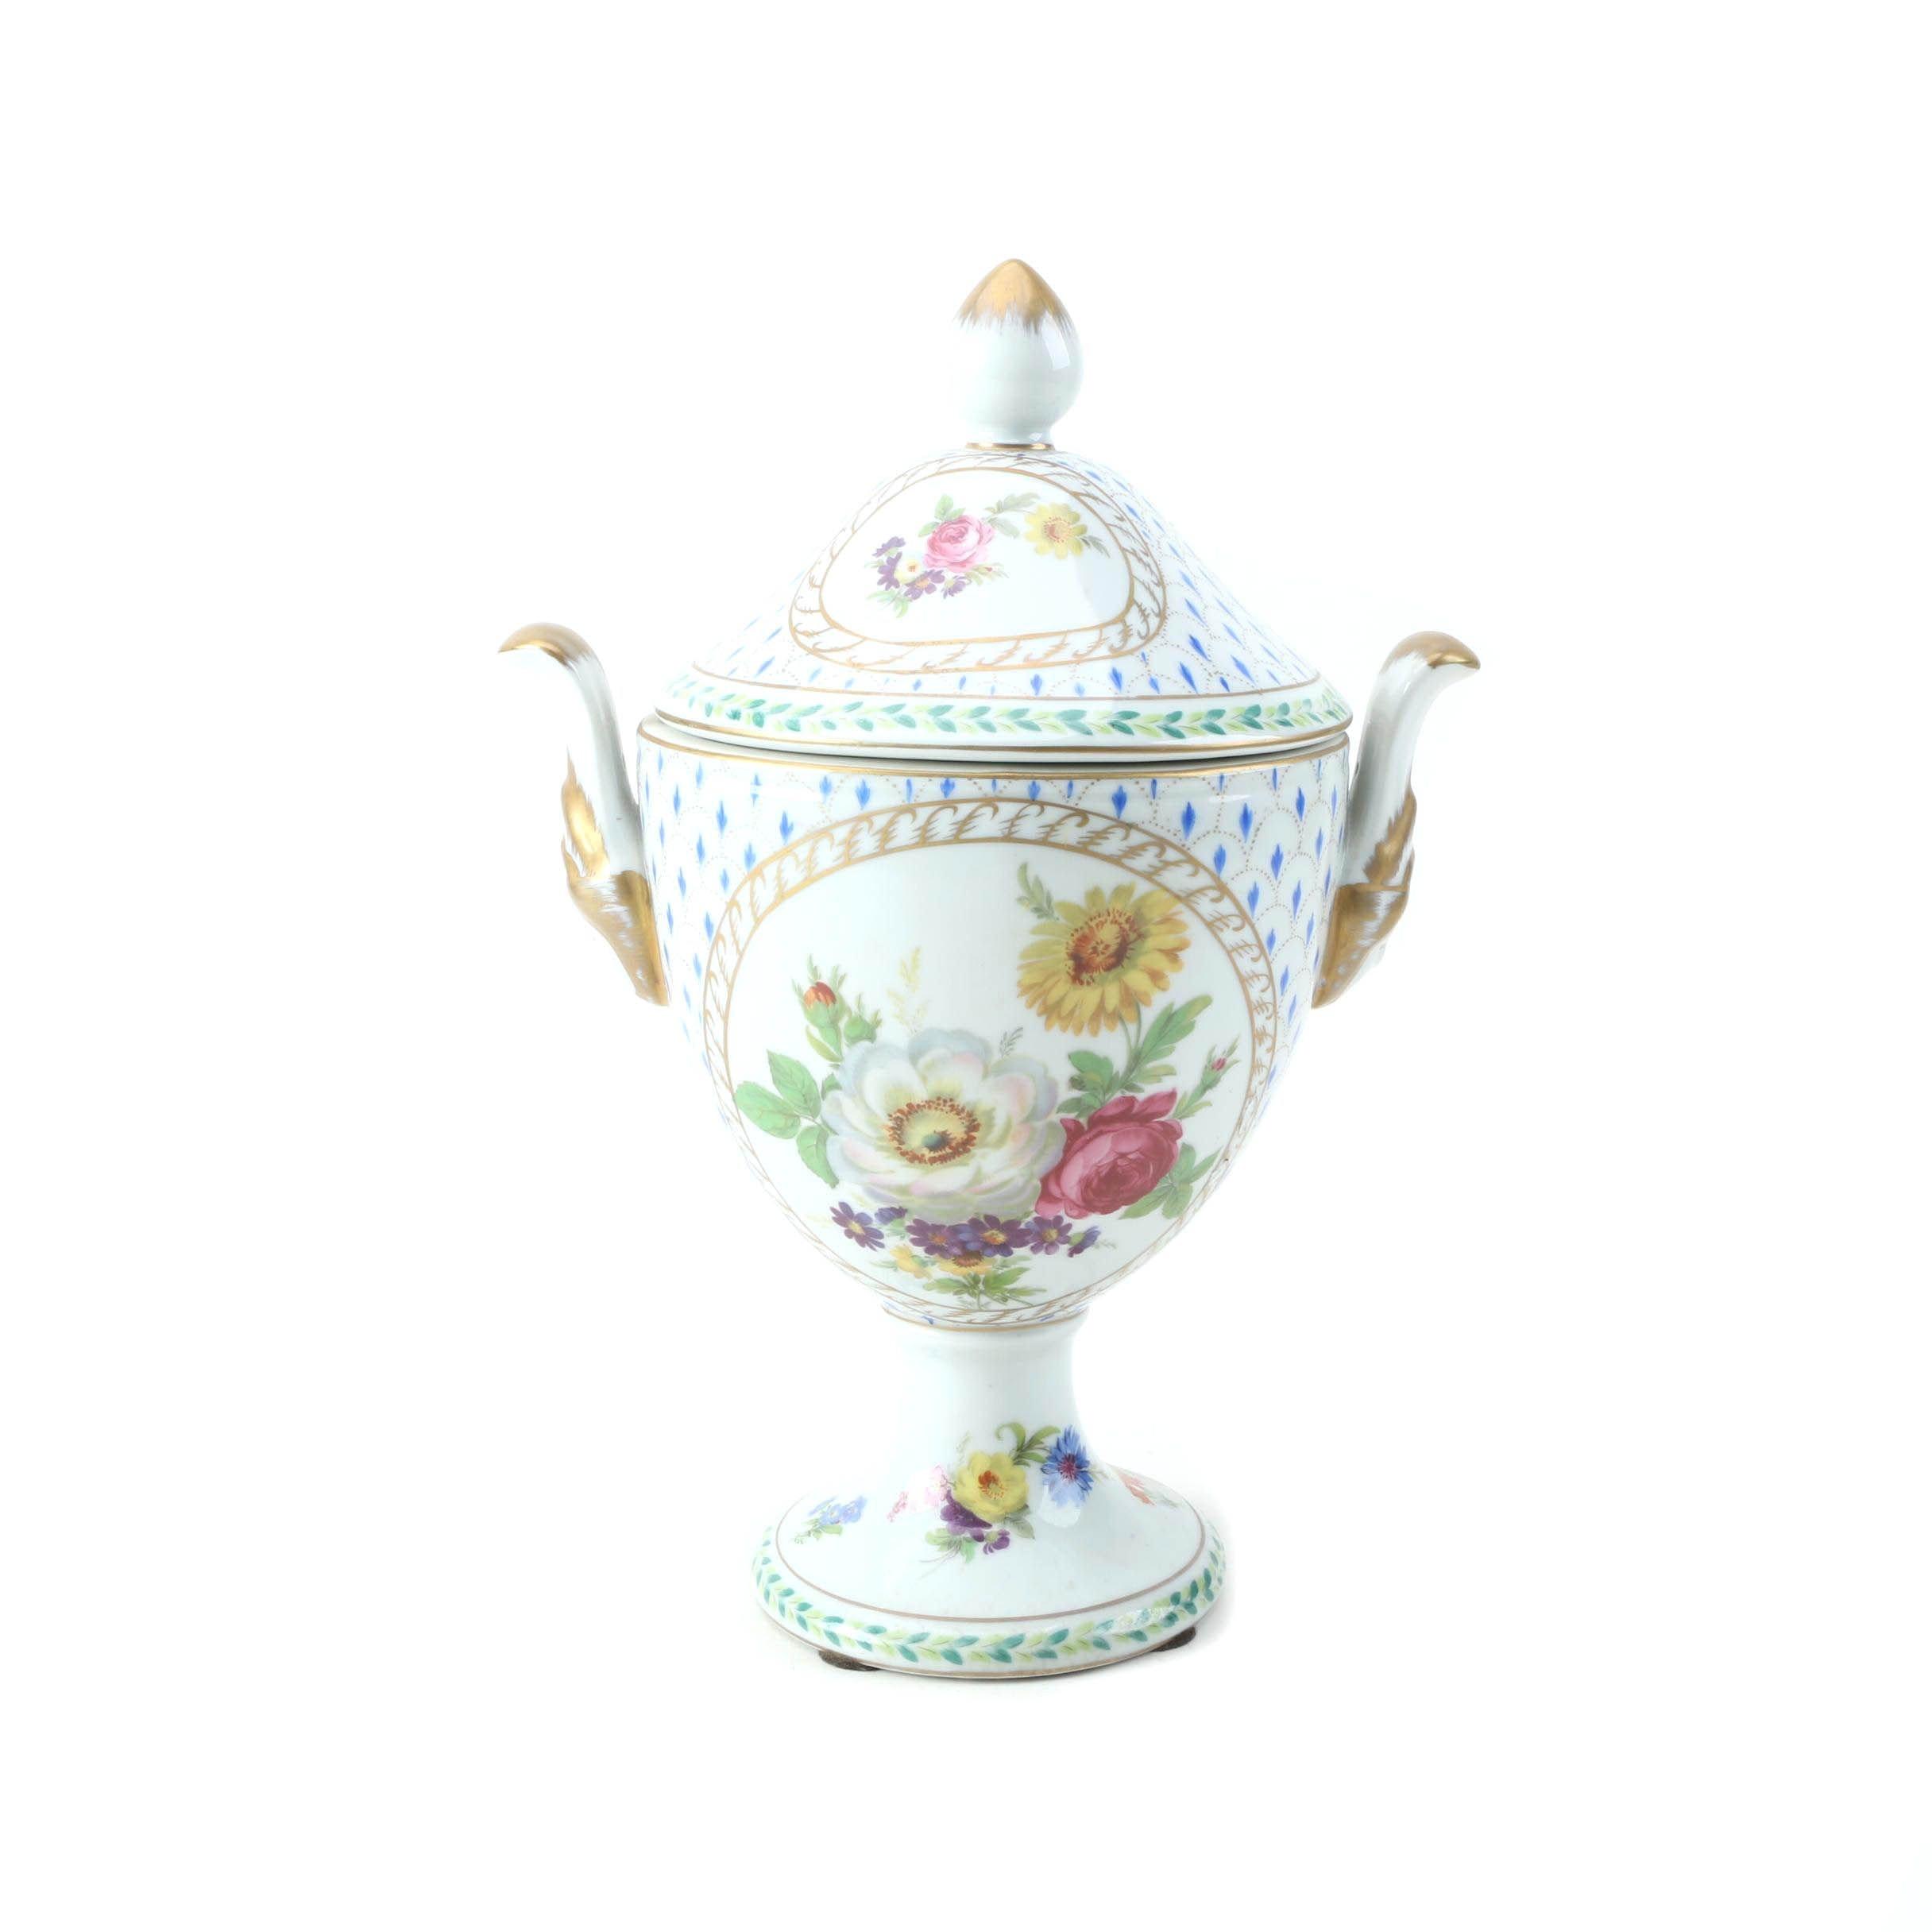 Lidded Ceramic Floral Print Urn